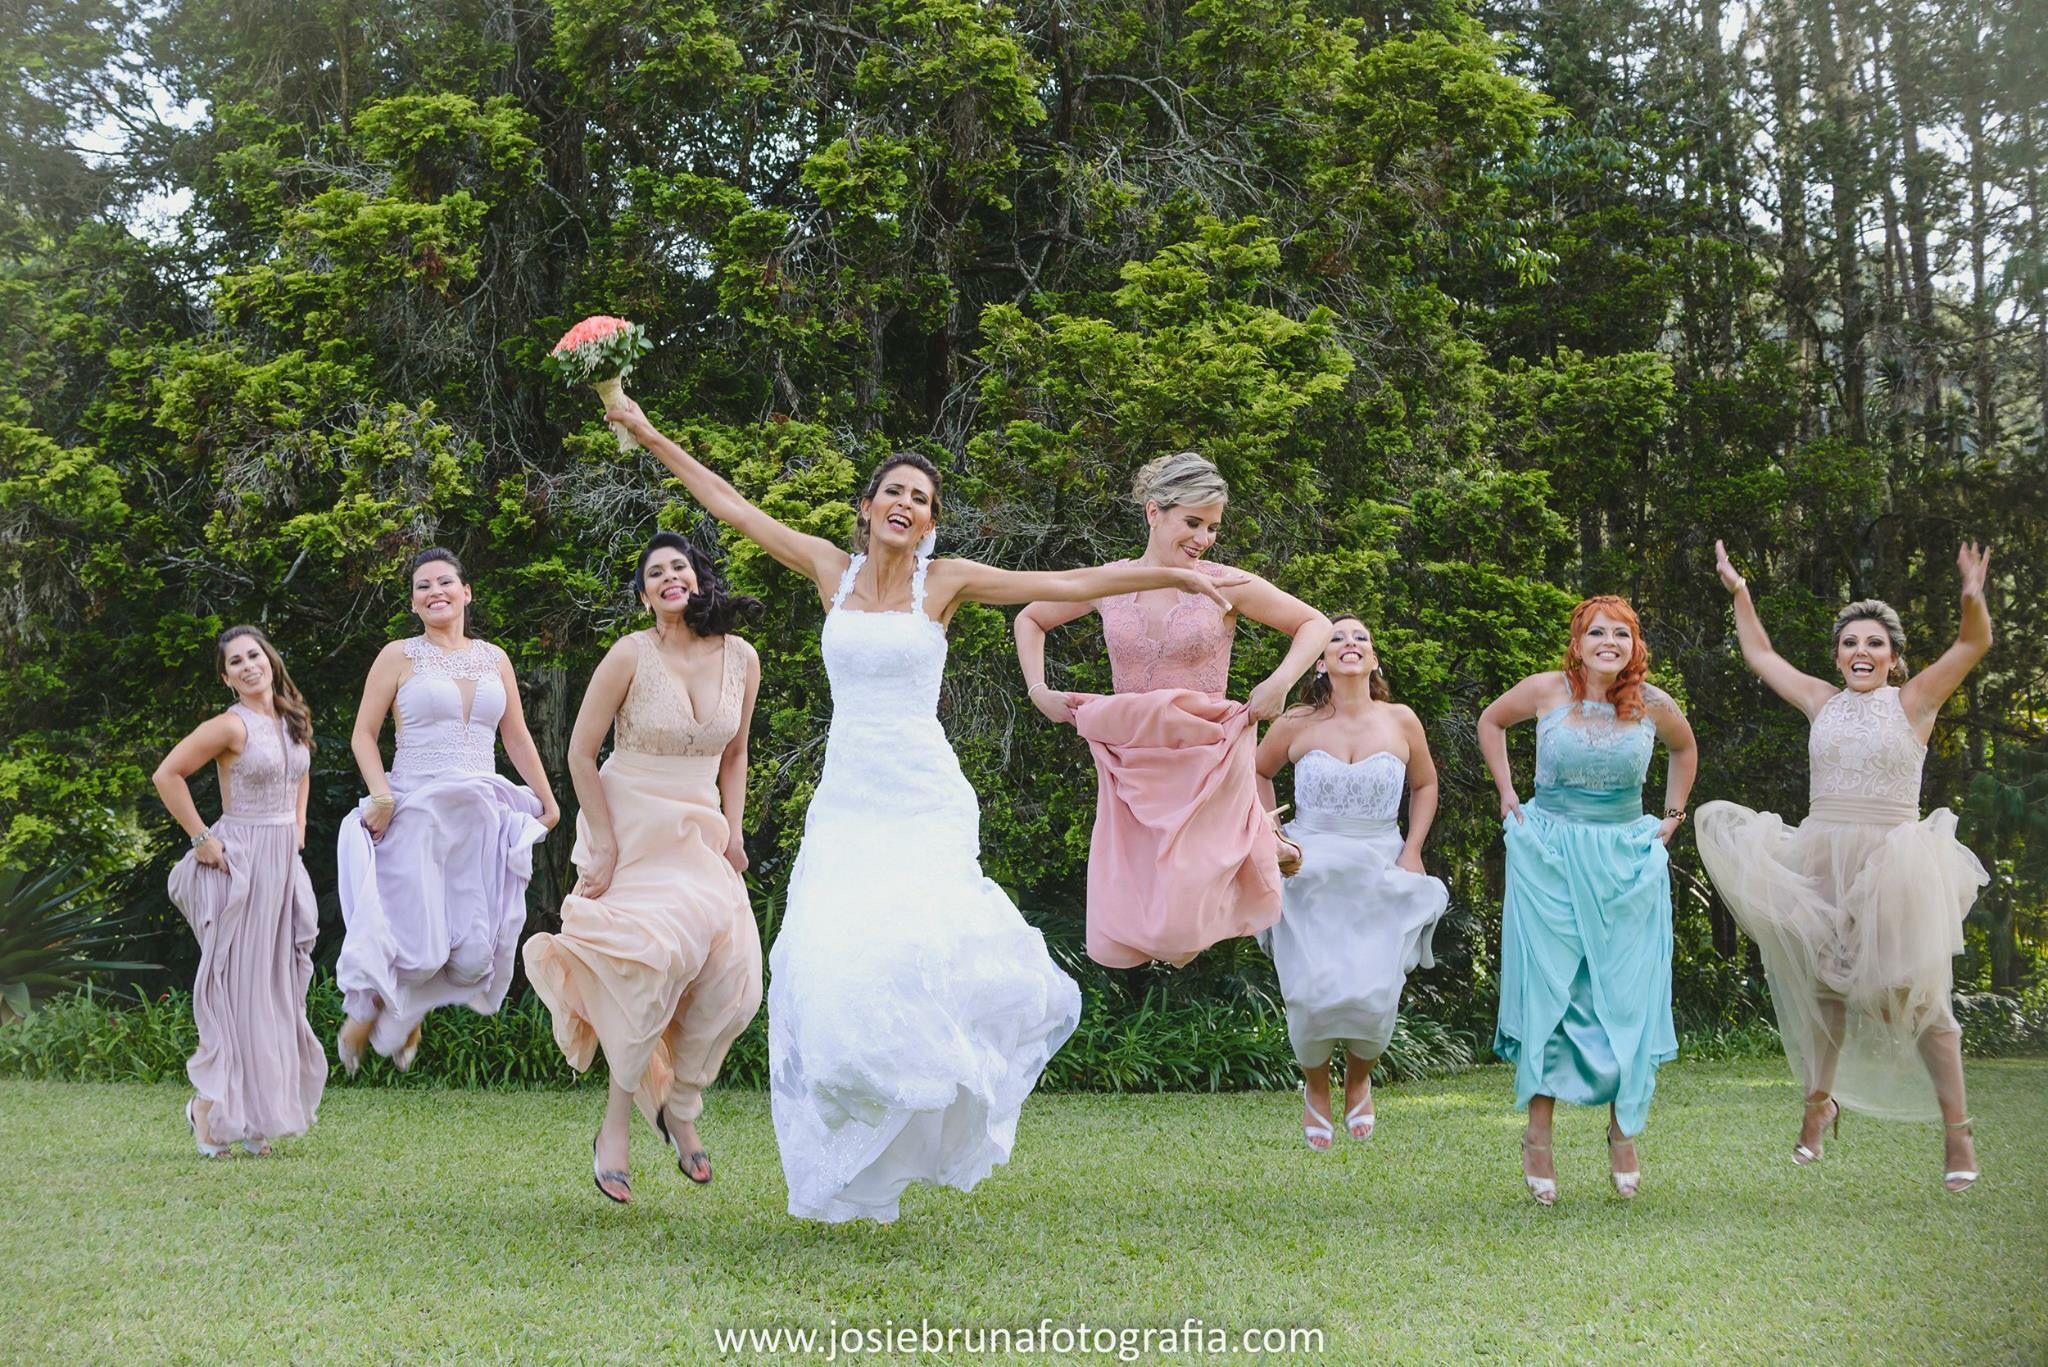 #casamento #josiebrunafotografia